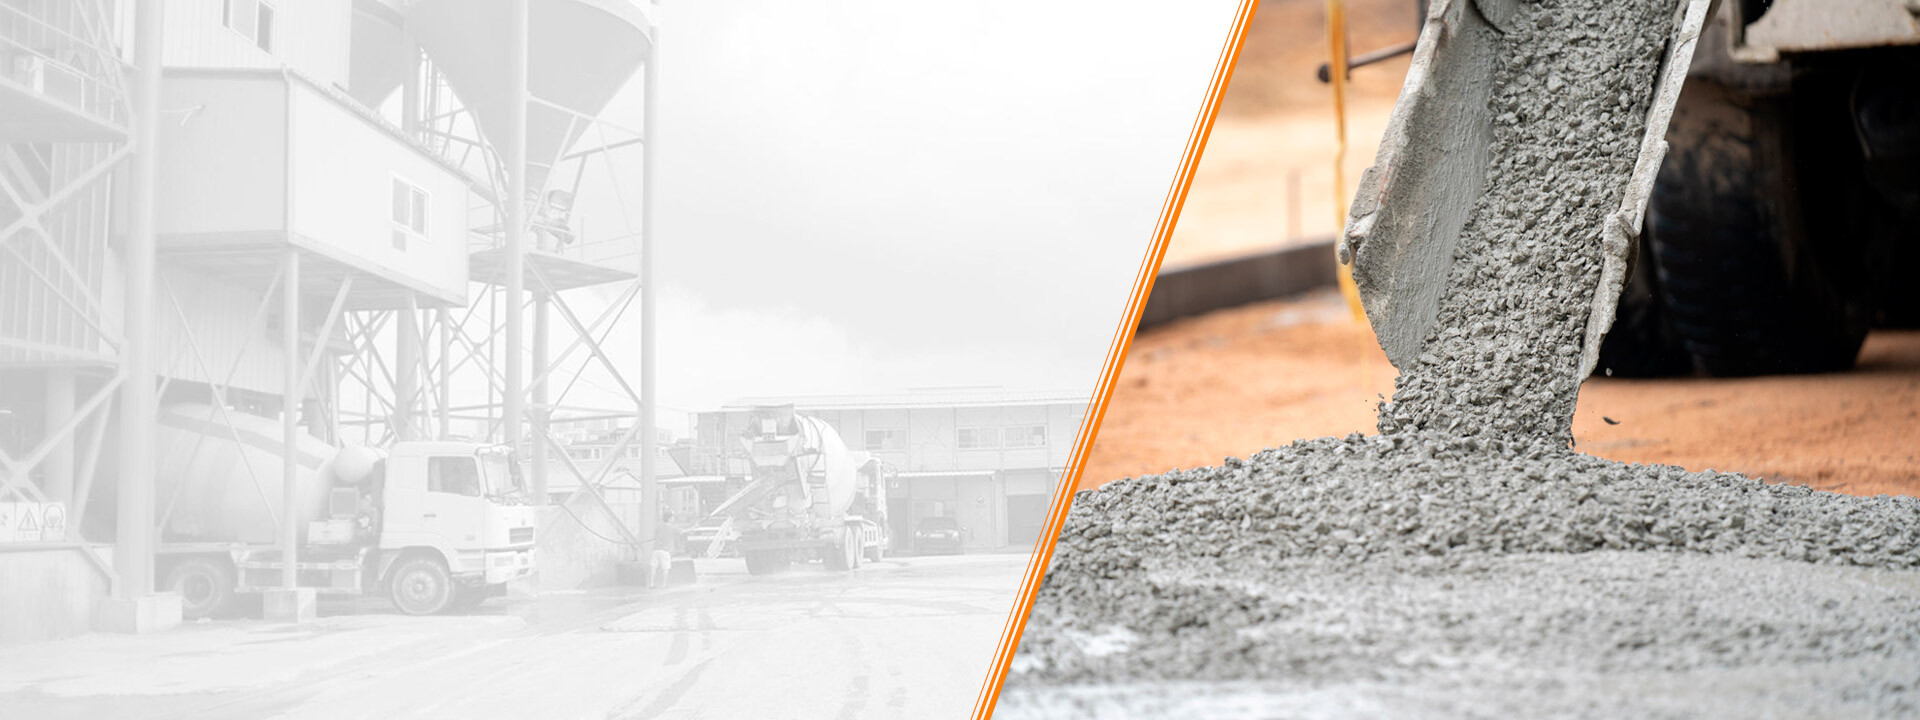 Бетон ua торг бетон вакансии